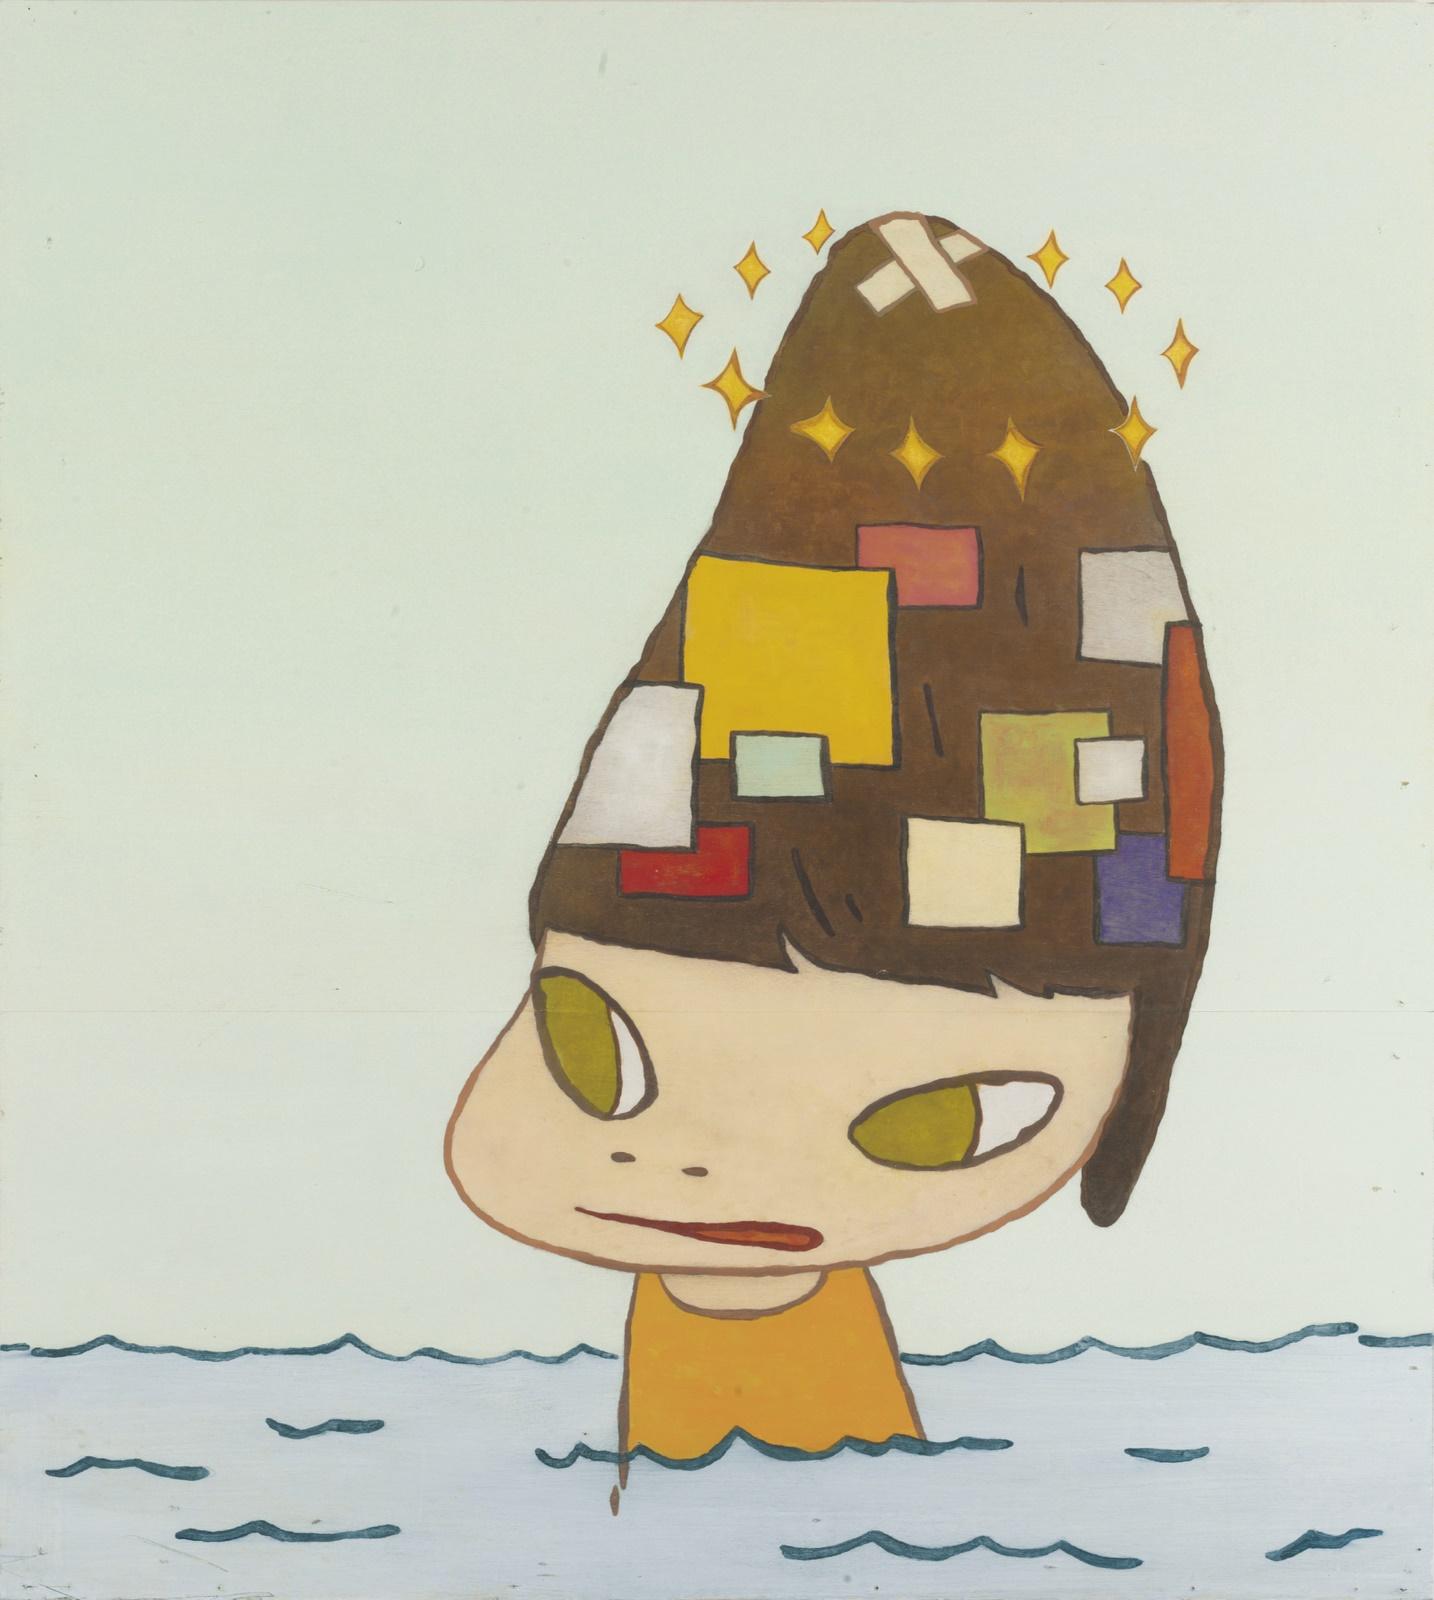 Yoshitomo Nara - Patched Head